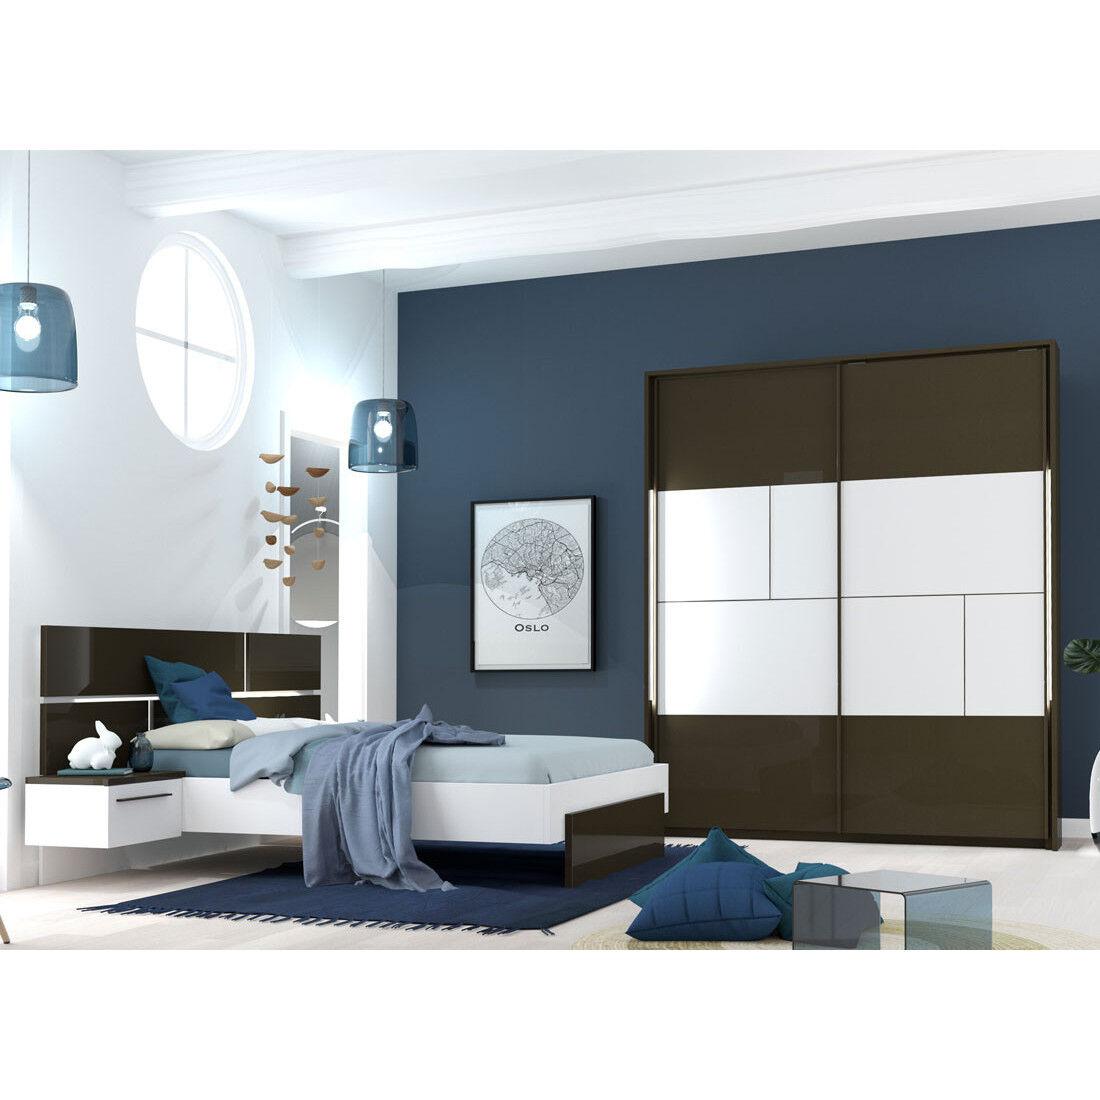 Tousmesmeubles Chambre Adulte Complète Gris/Blanc (160*200) - FLORINE n°1 - L 264 x l 208 x H 40/102